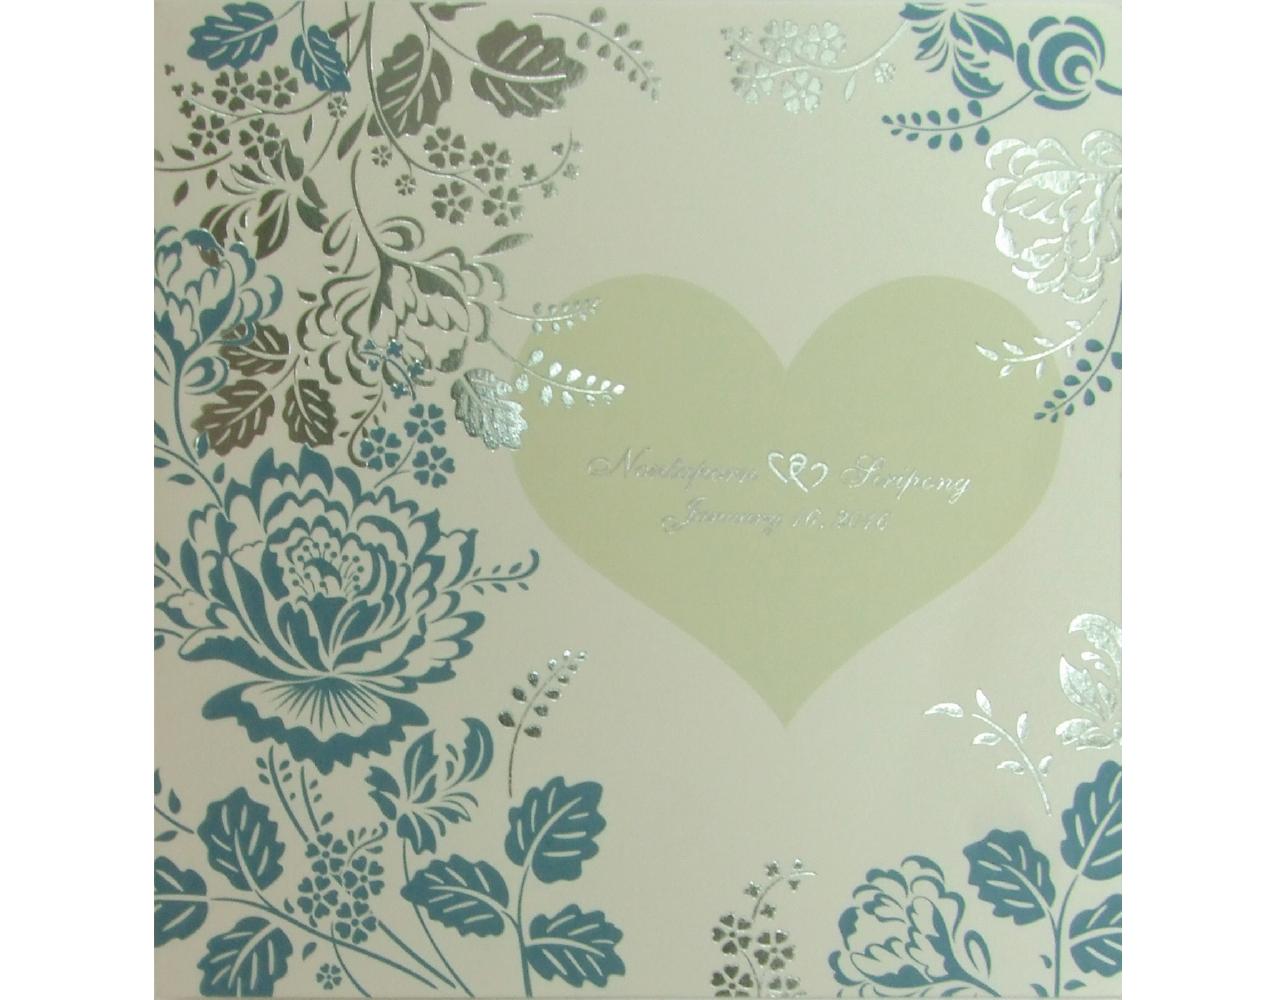 การงินดแต่งงาน การ์ดเชิญ ลวดลายดอกไม้ สีครีมฟ้า ปั๊มนูน พิมพ์เงิน by Grace Greeting Wedding 16.2 x 16.5 cm SP 5707 Cream